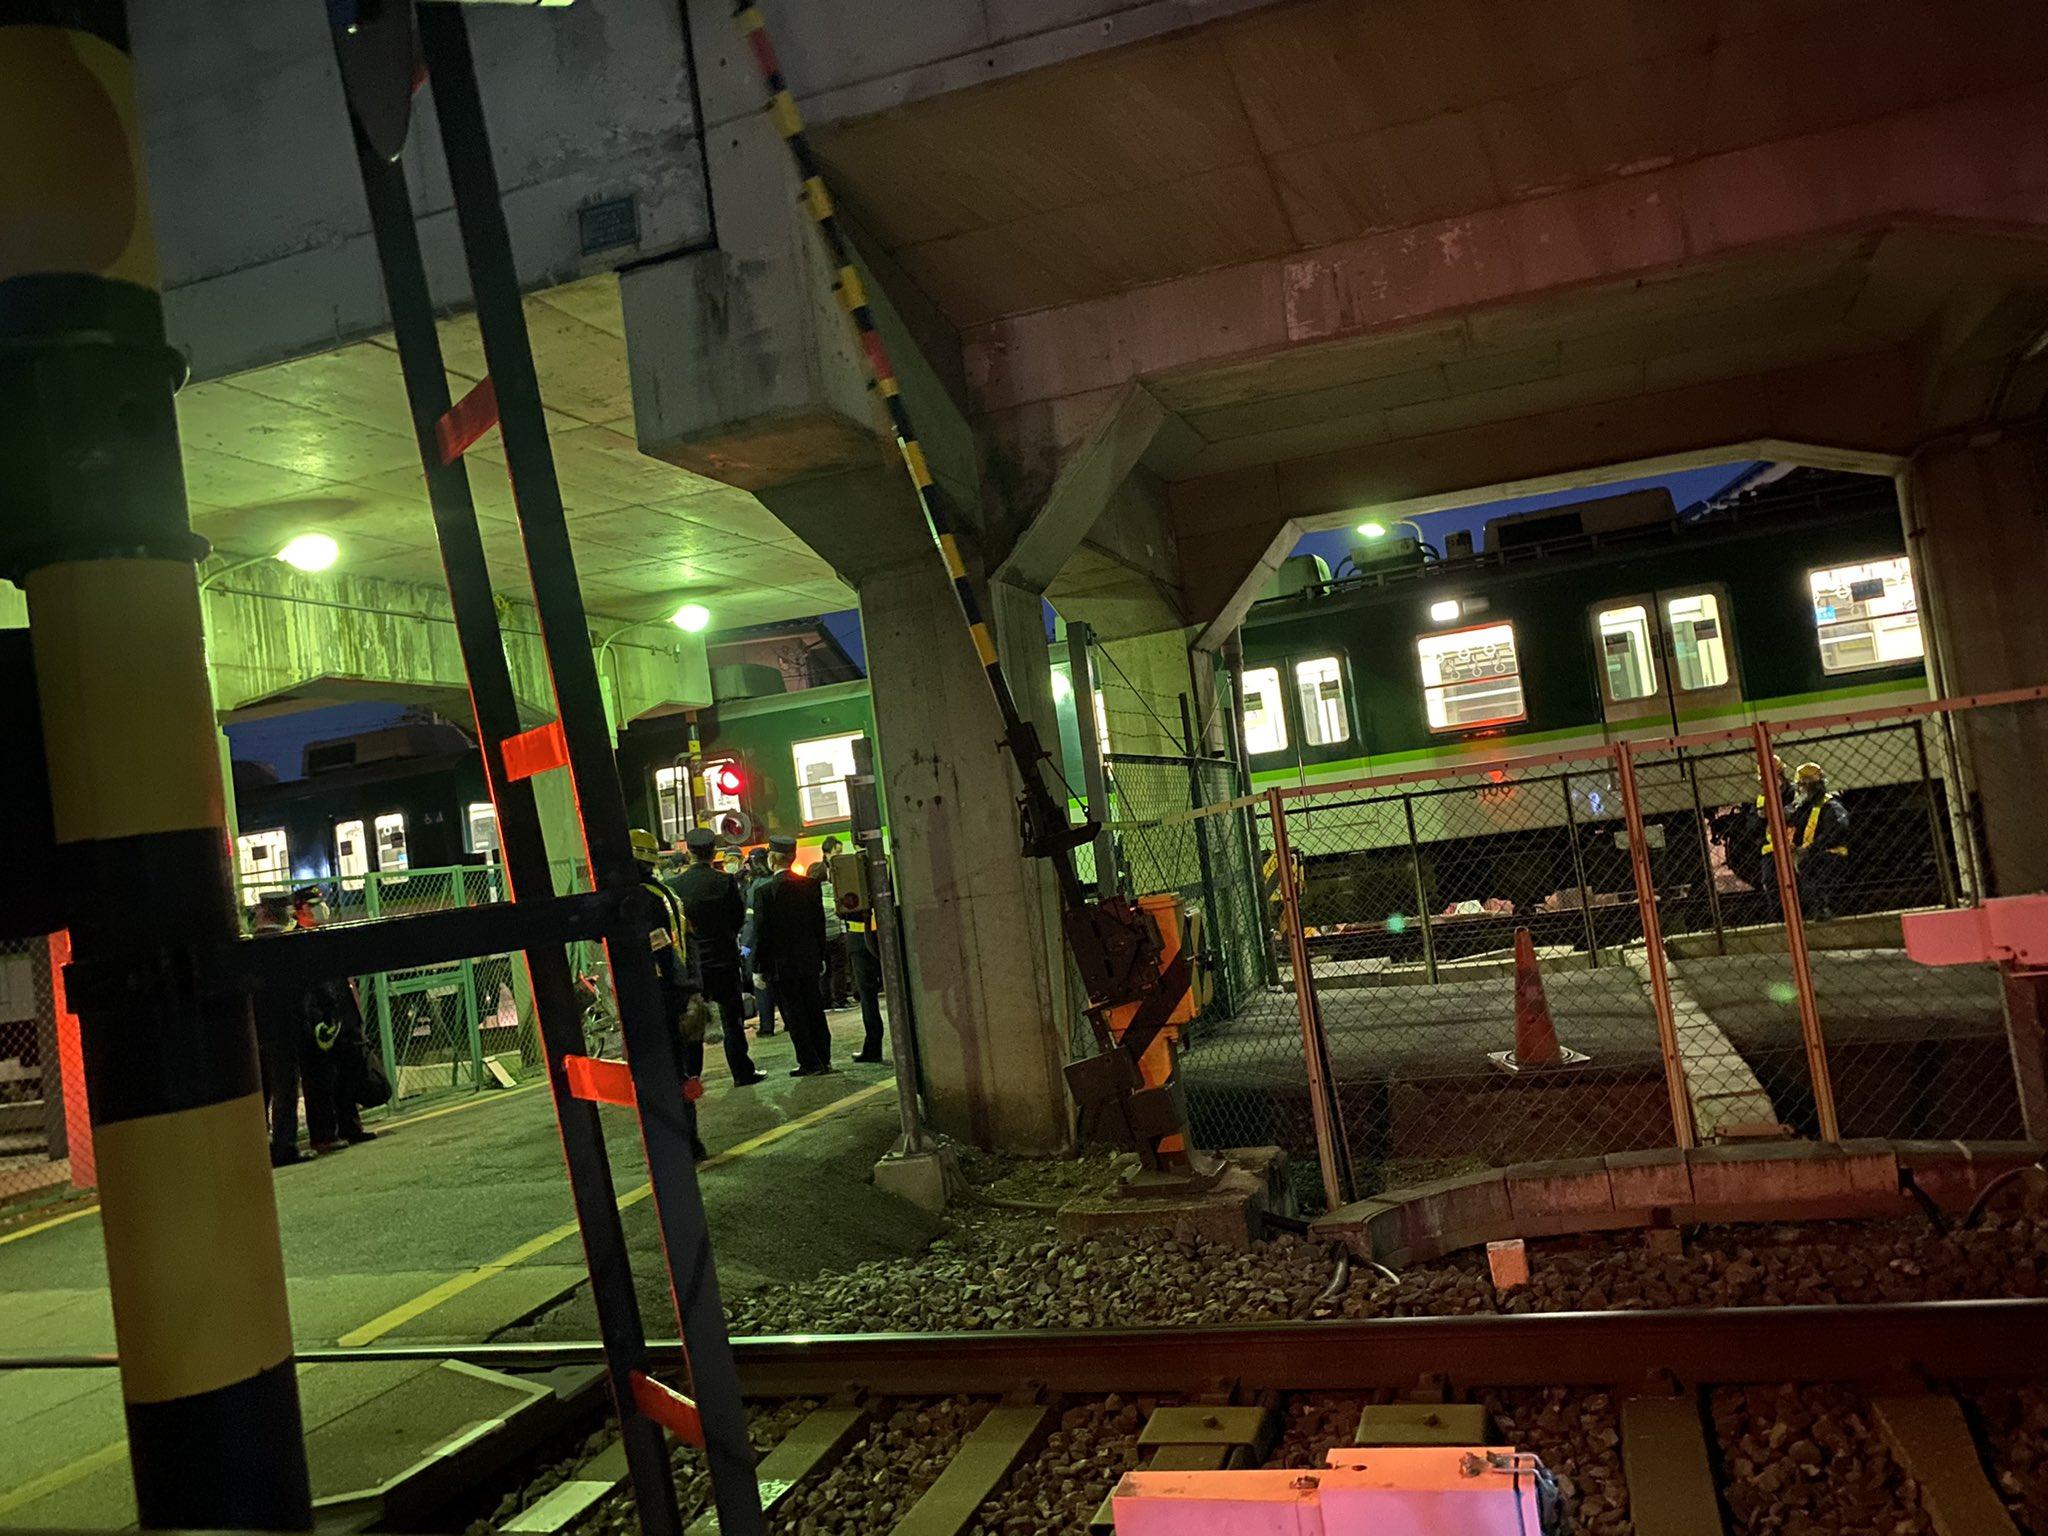 京阪本線の人身事故の画像